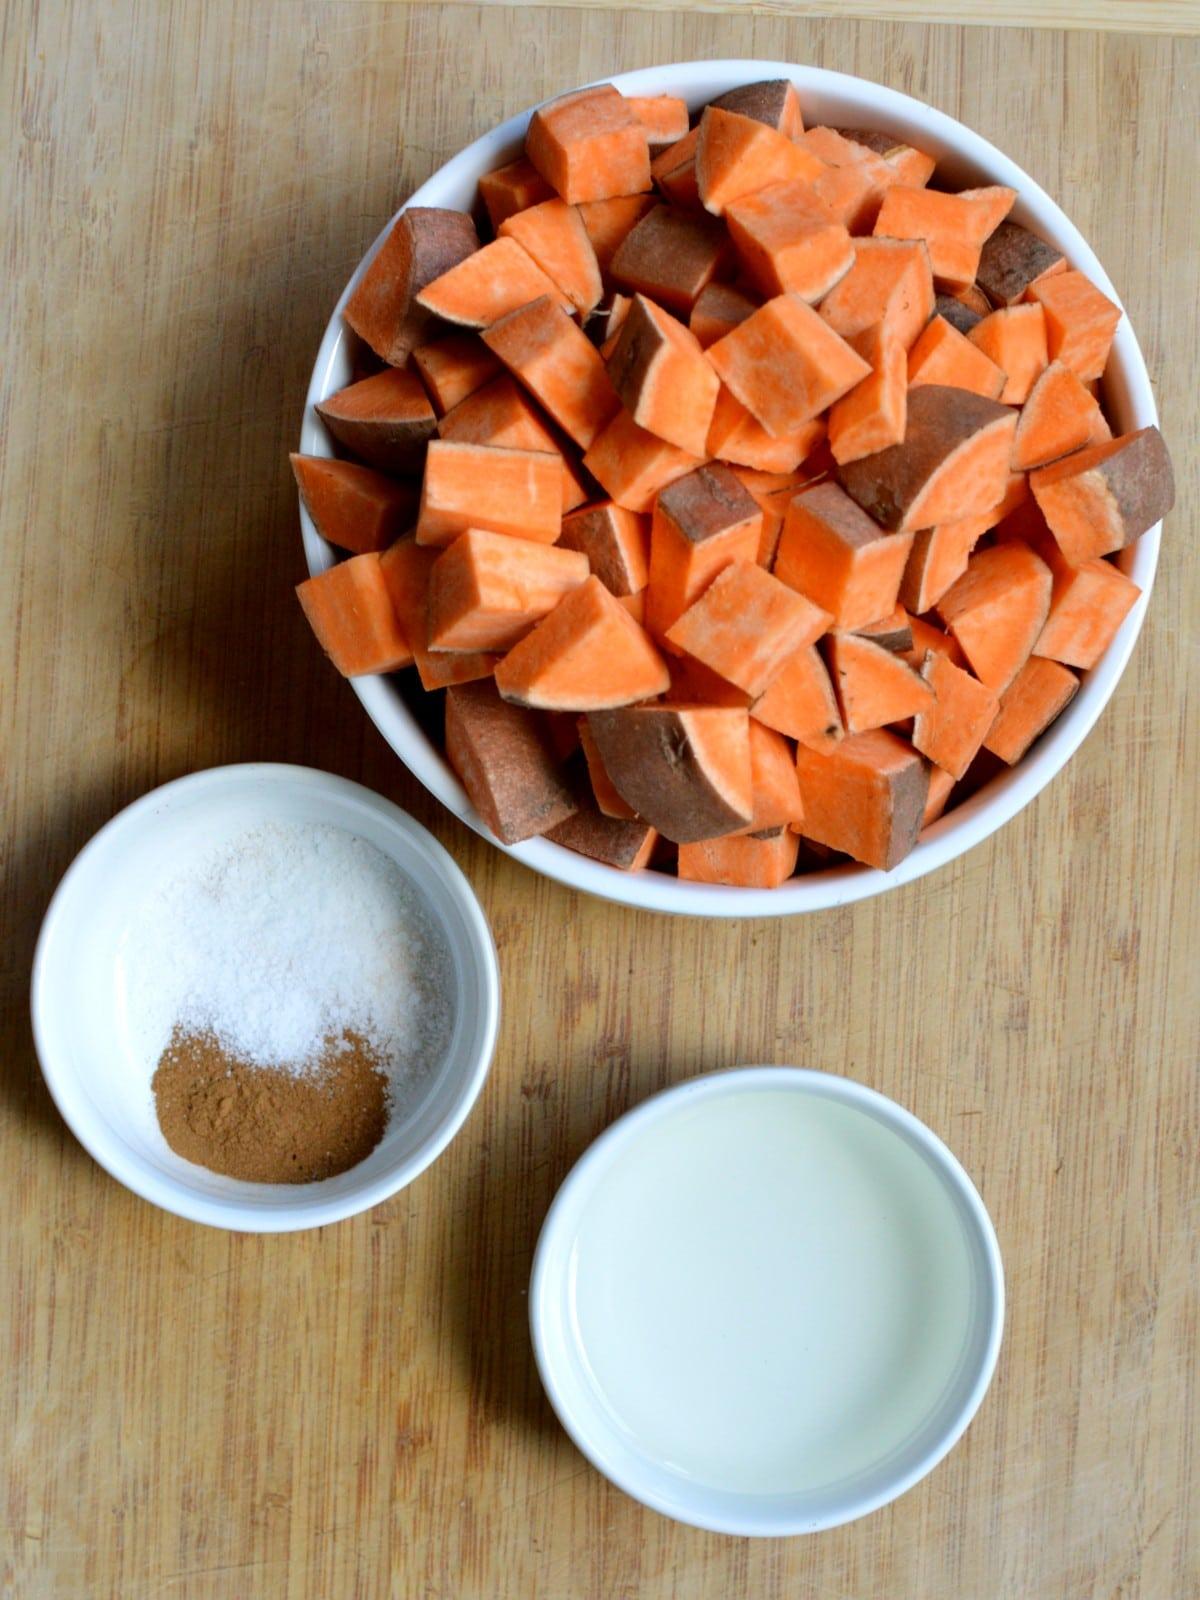 cut up sweet potatoes